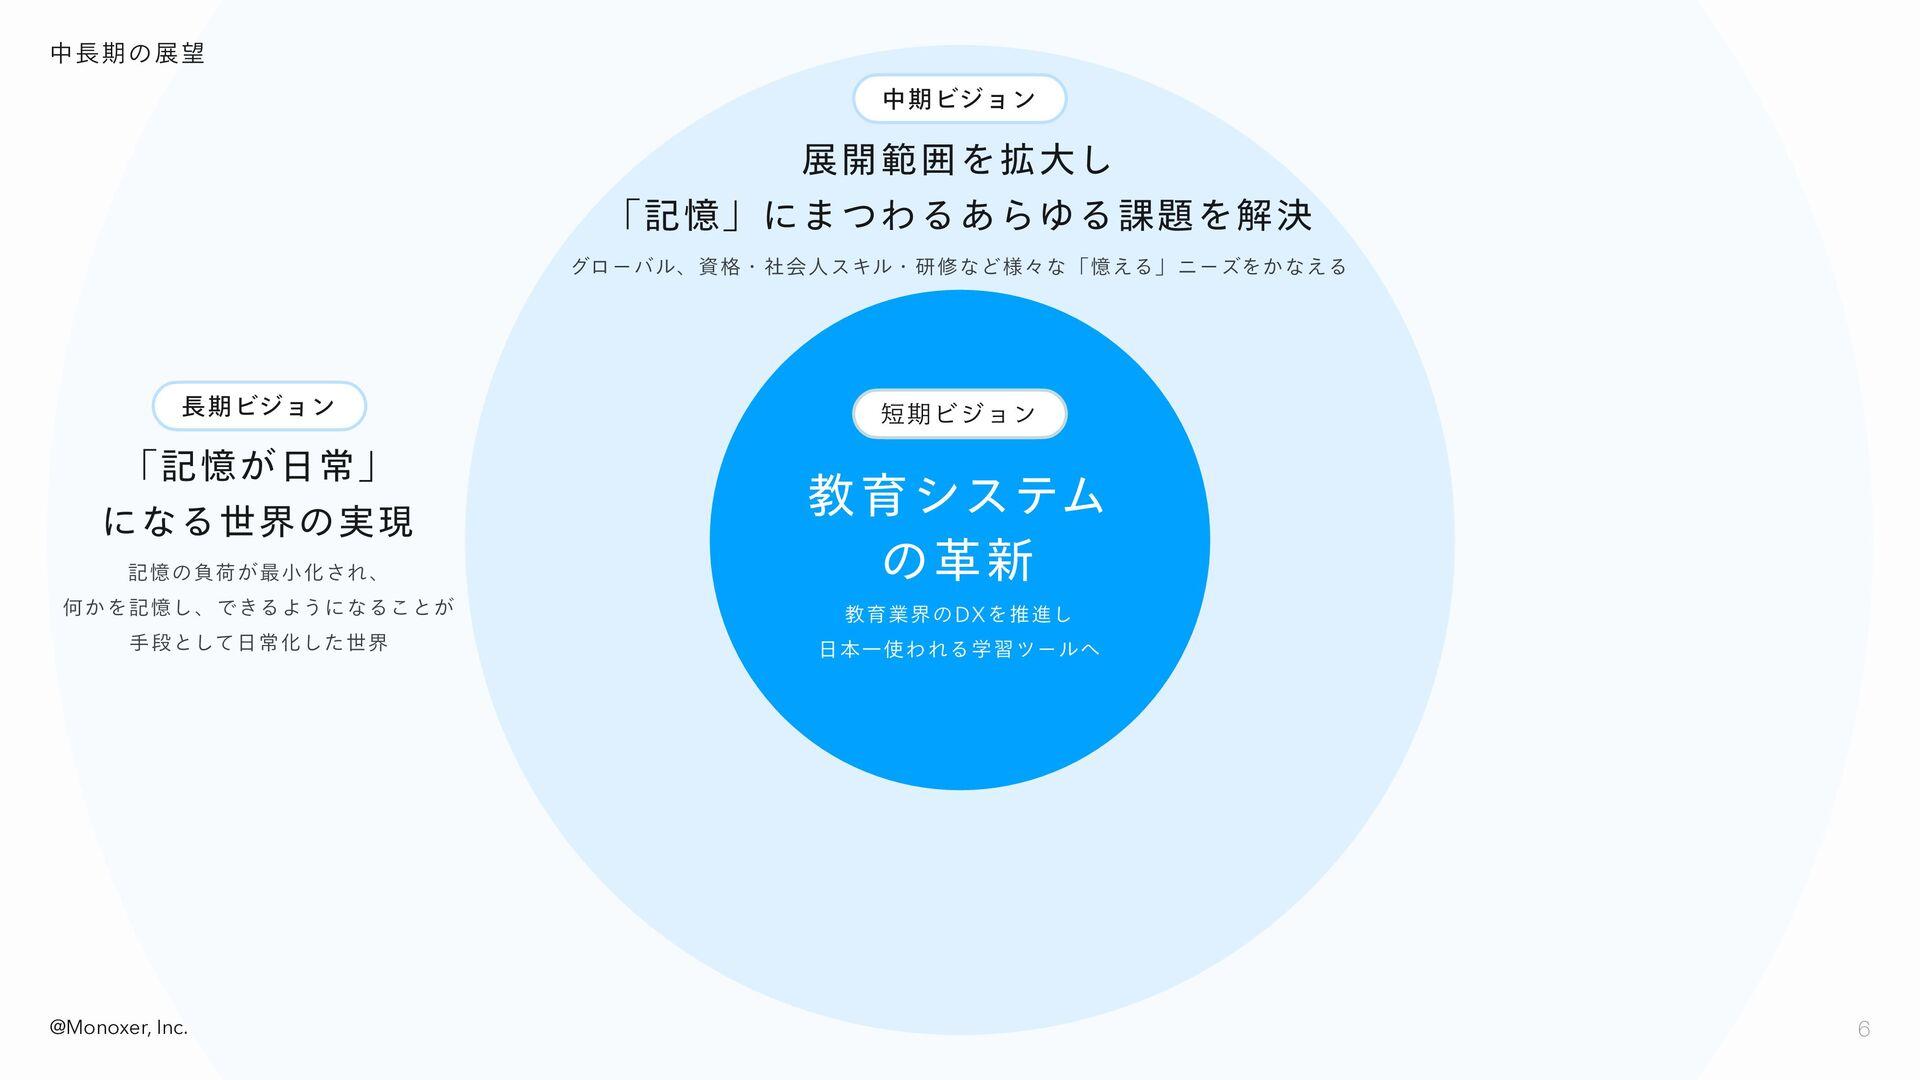 6 6 @Monoxer, Inc. ظϏδϣϯ ڭҭۀքͷ%9Λਪਐ͠ ຊҰΘΕΔֶ...